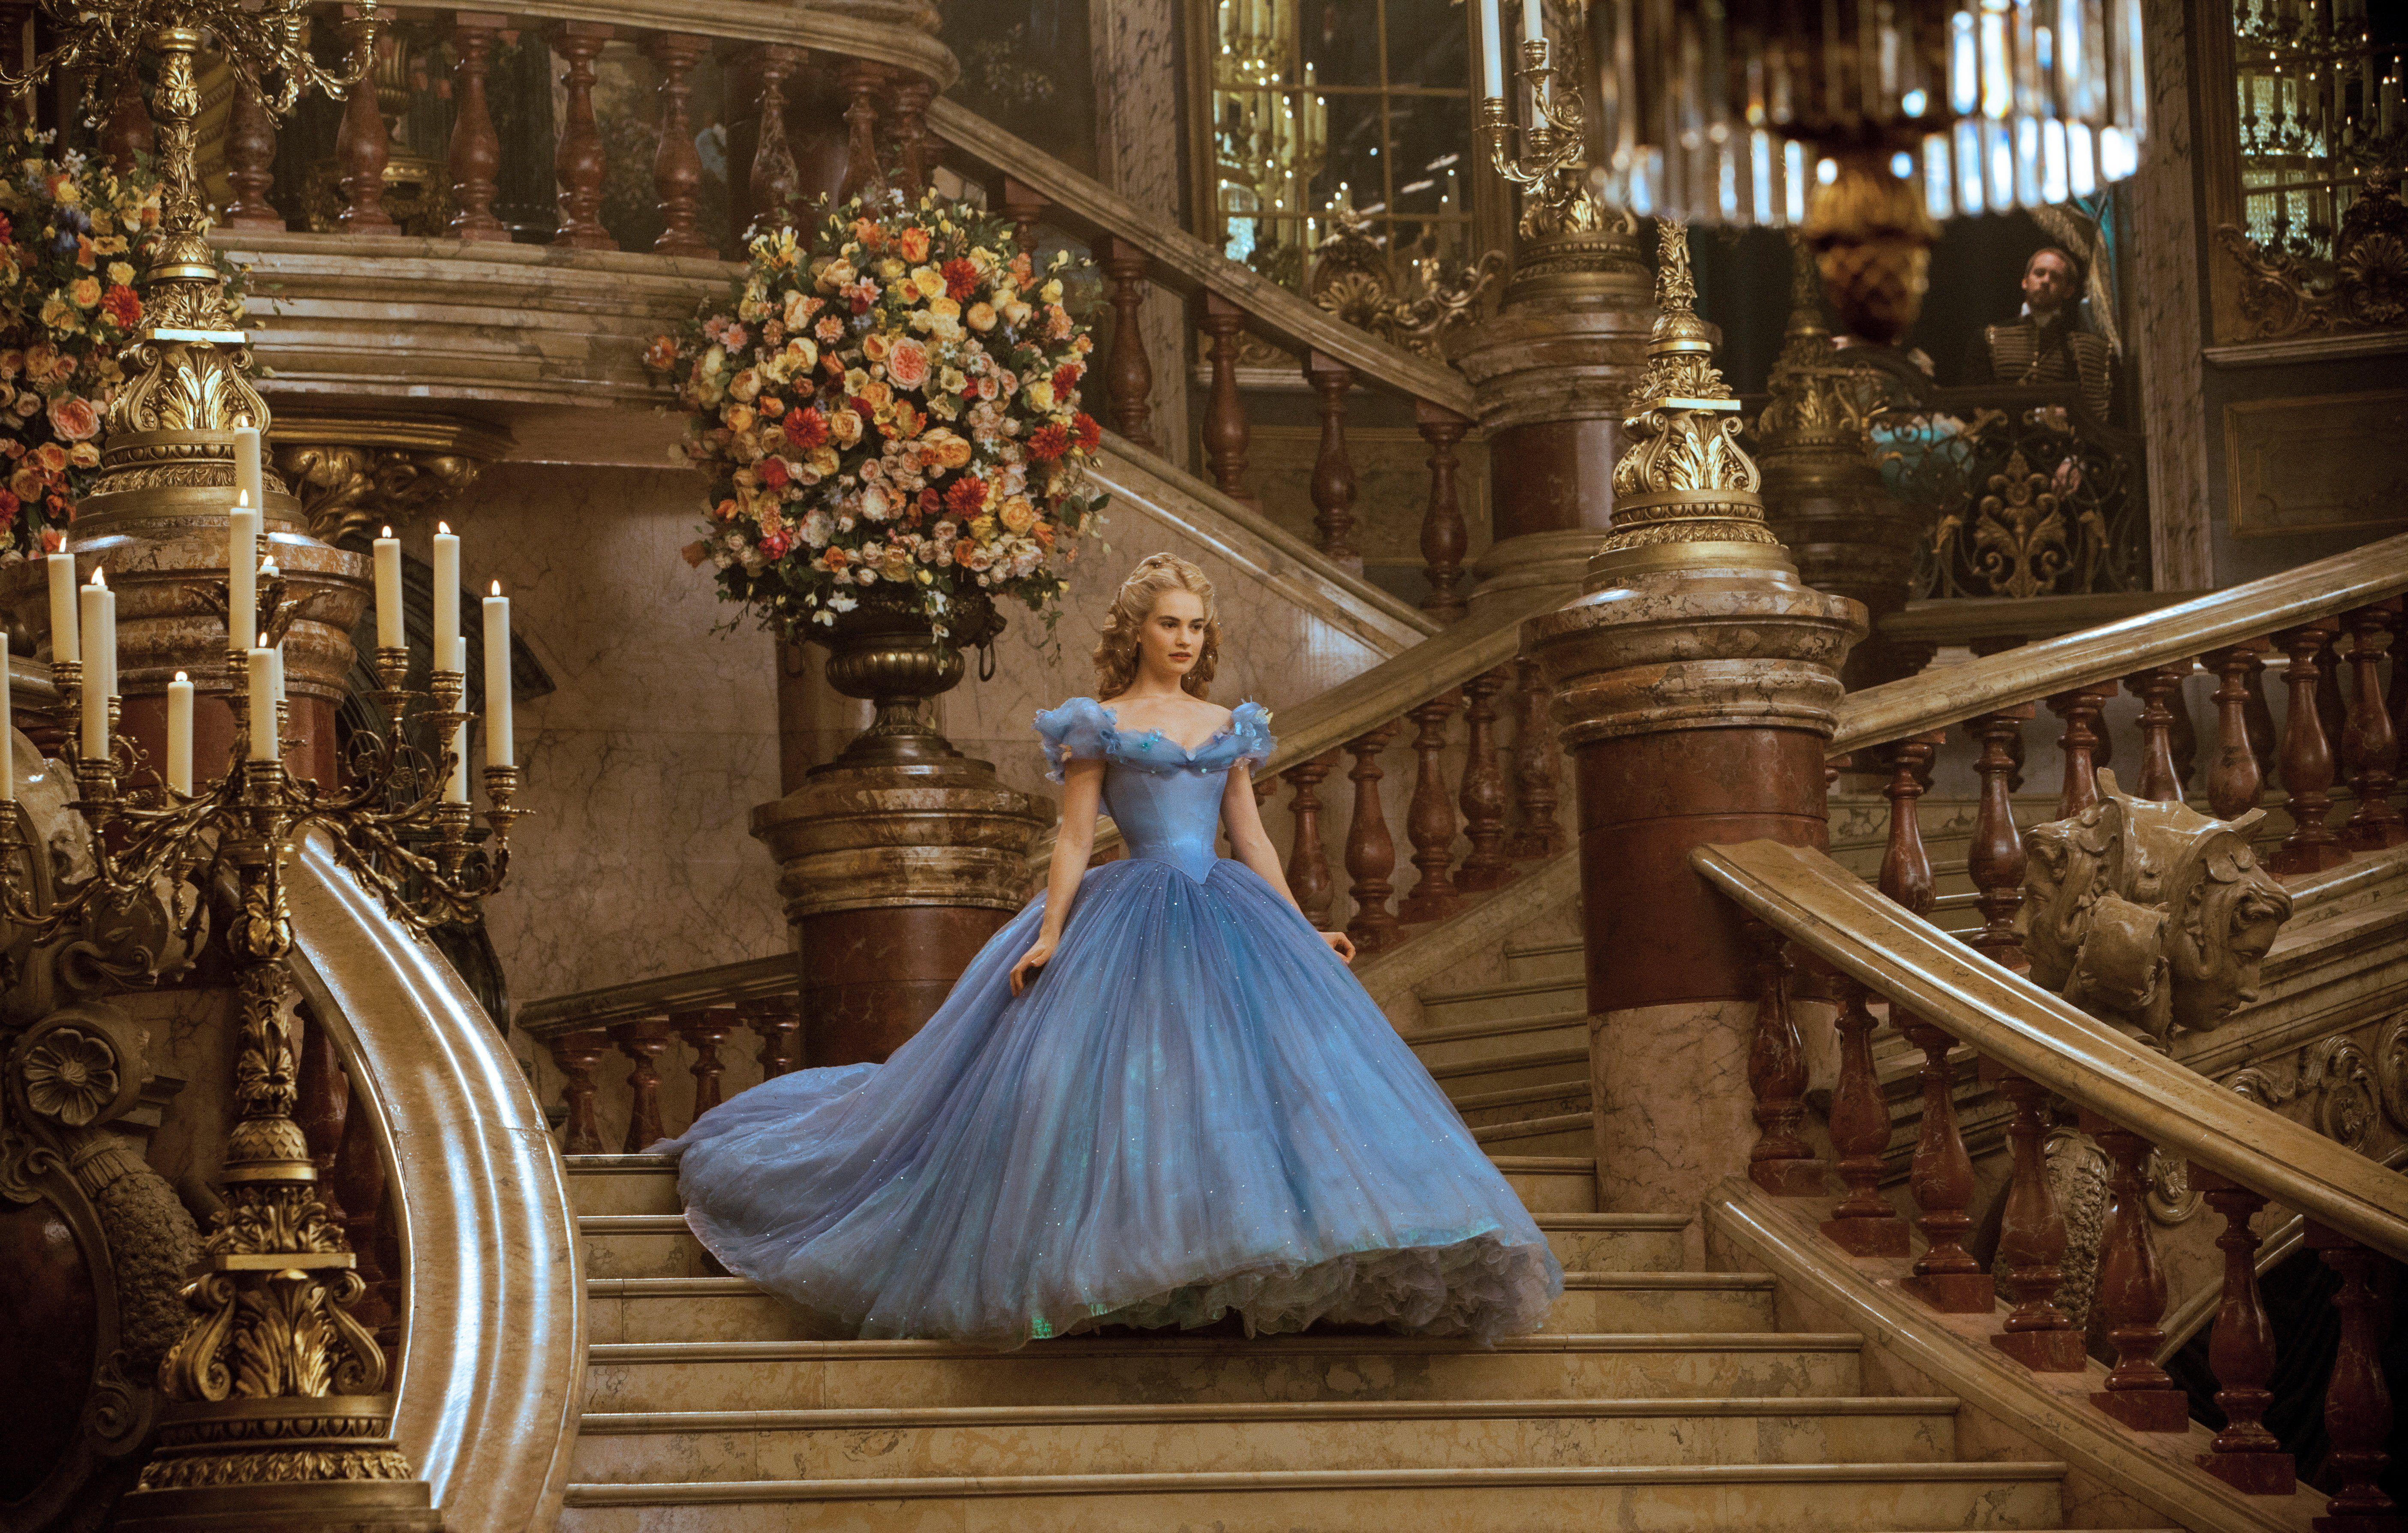 Cinderella - official stills